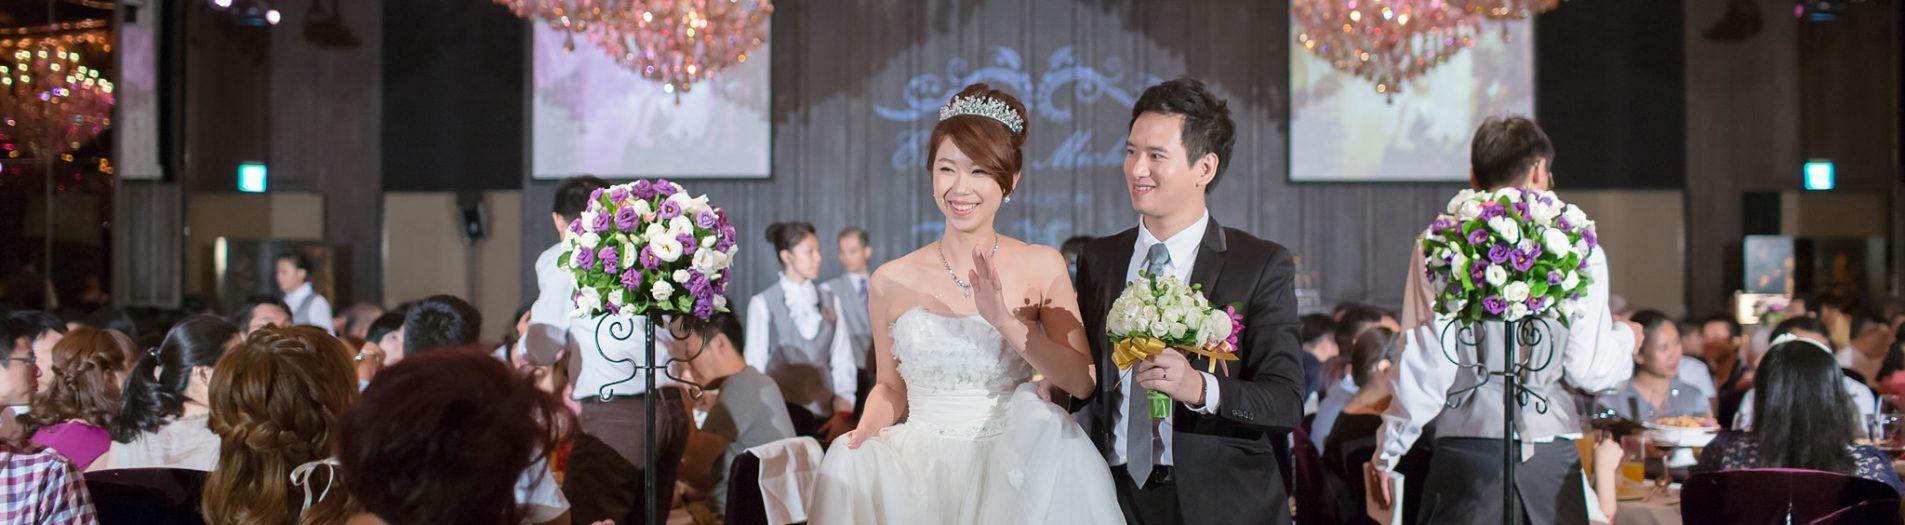 婚攝|四葉草婚禮紀錄 Eric + Michelle